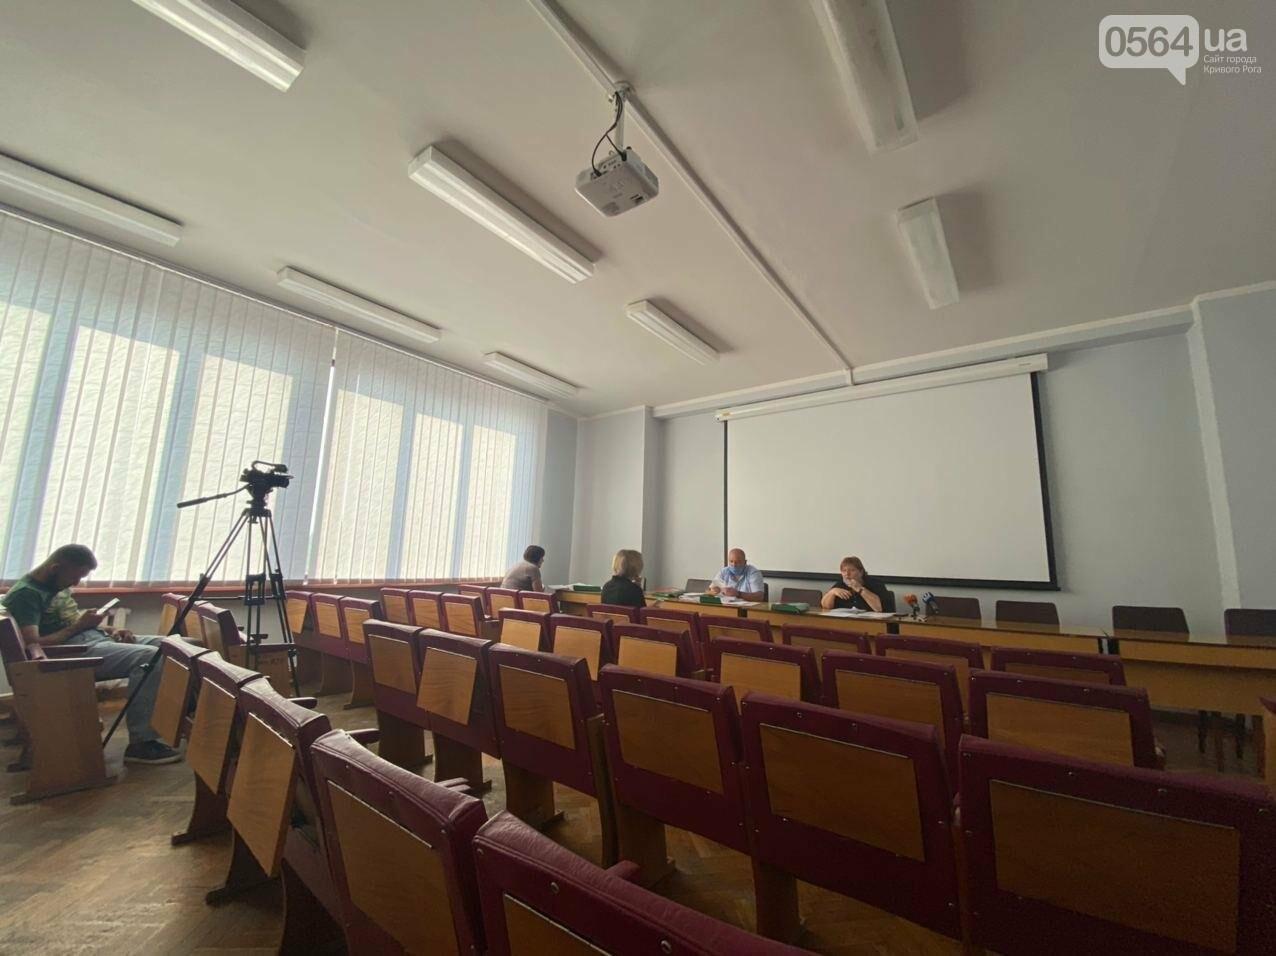 В Кривом Роге открылась сессия горсовета. Некоторые комиссии не смогли провести заседания, - ФОТО, фото-1